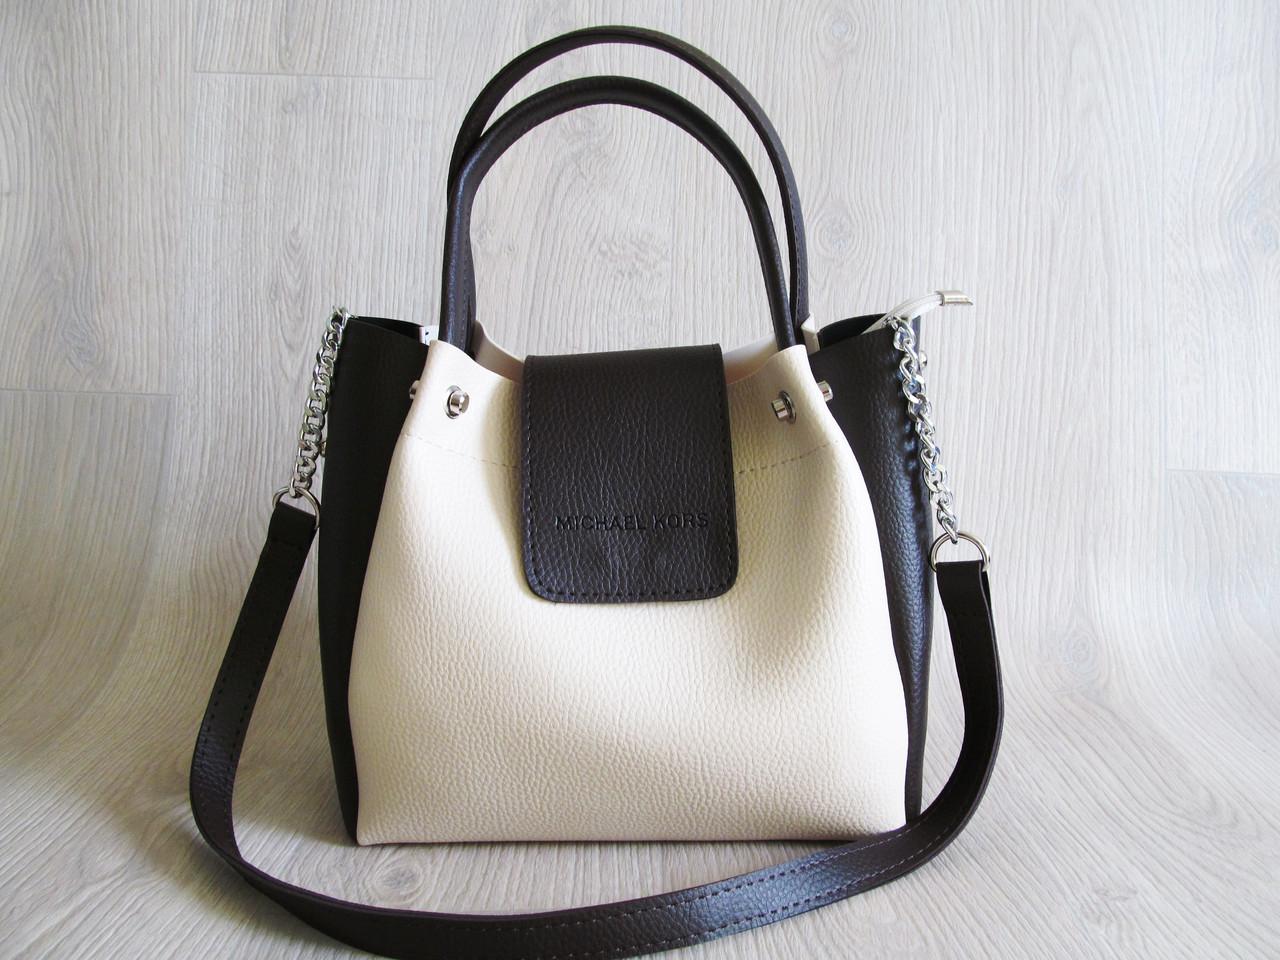 a61b47ba2066 Женская сумка копия Майкл Корс с клапаном -